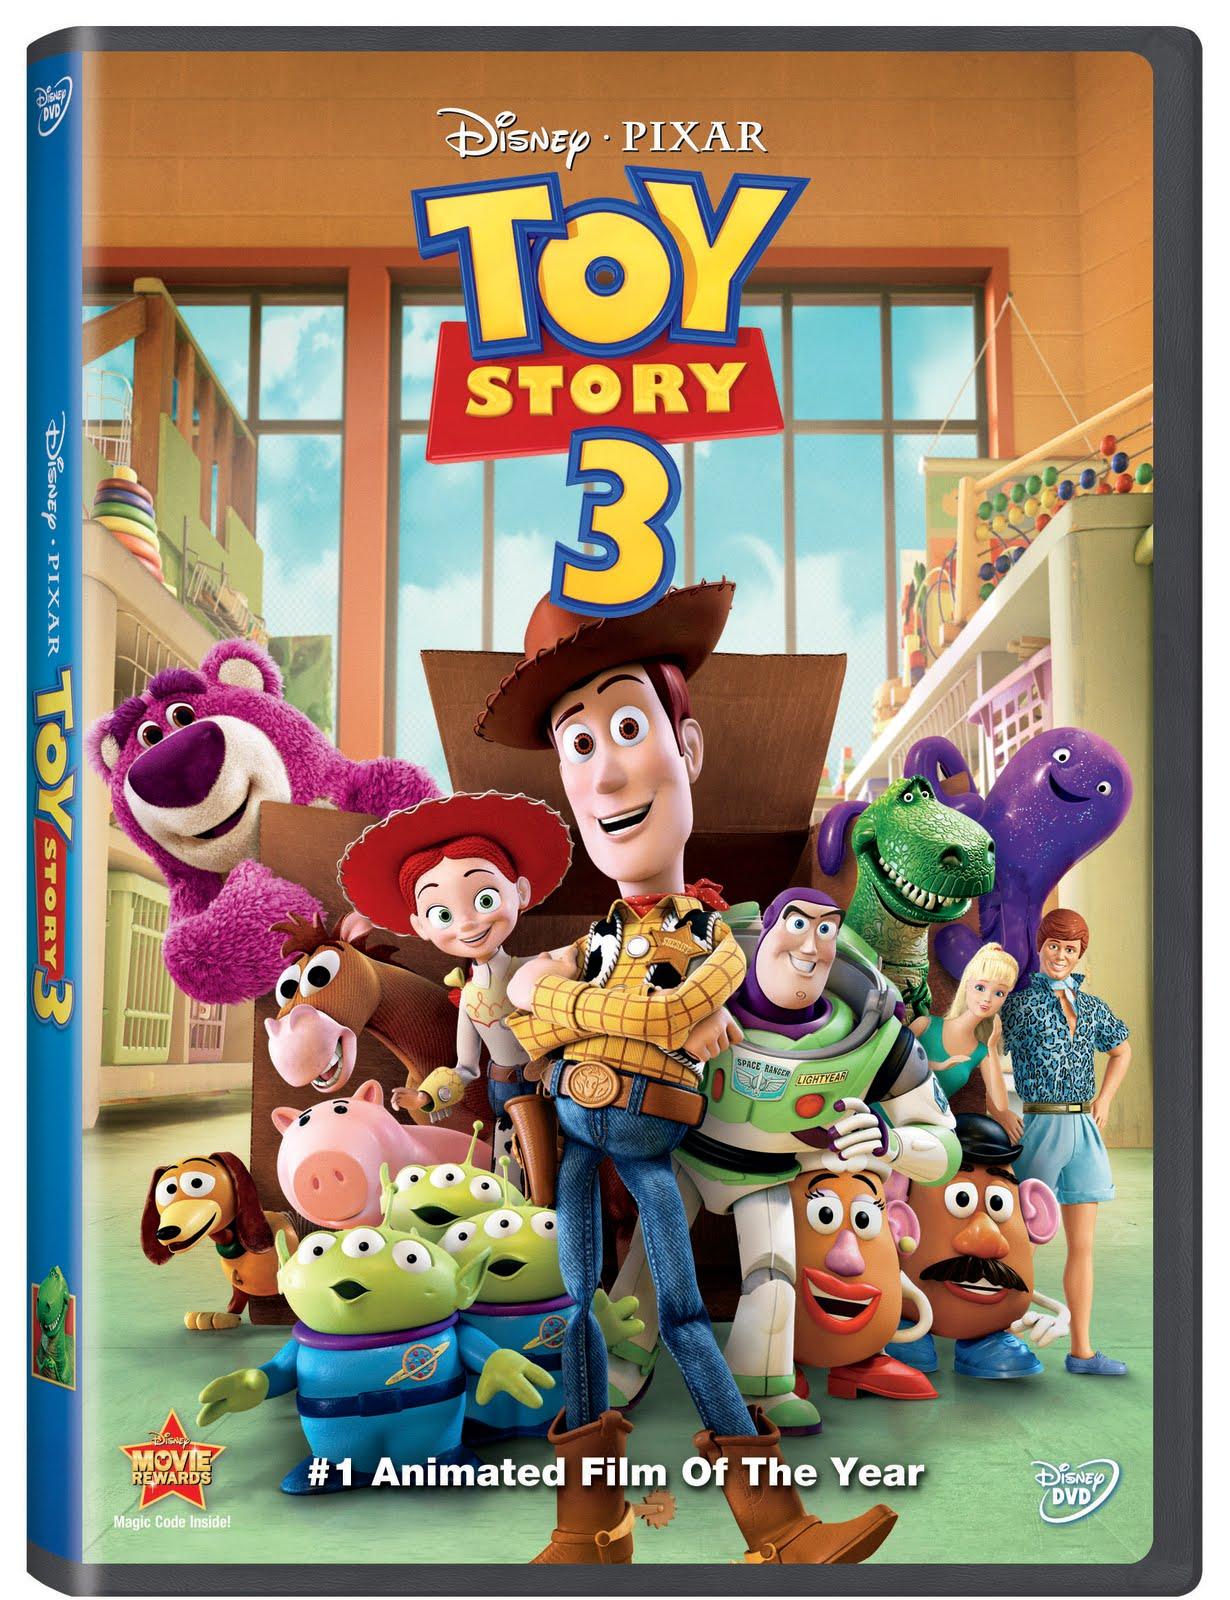 Toy Story 3, un nuevo amigo fiel